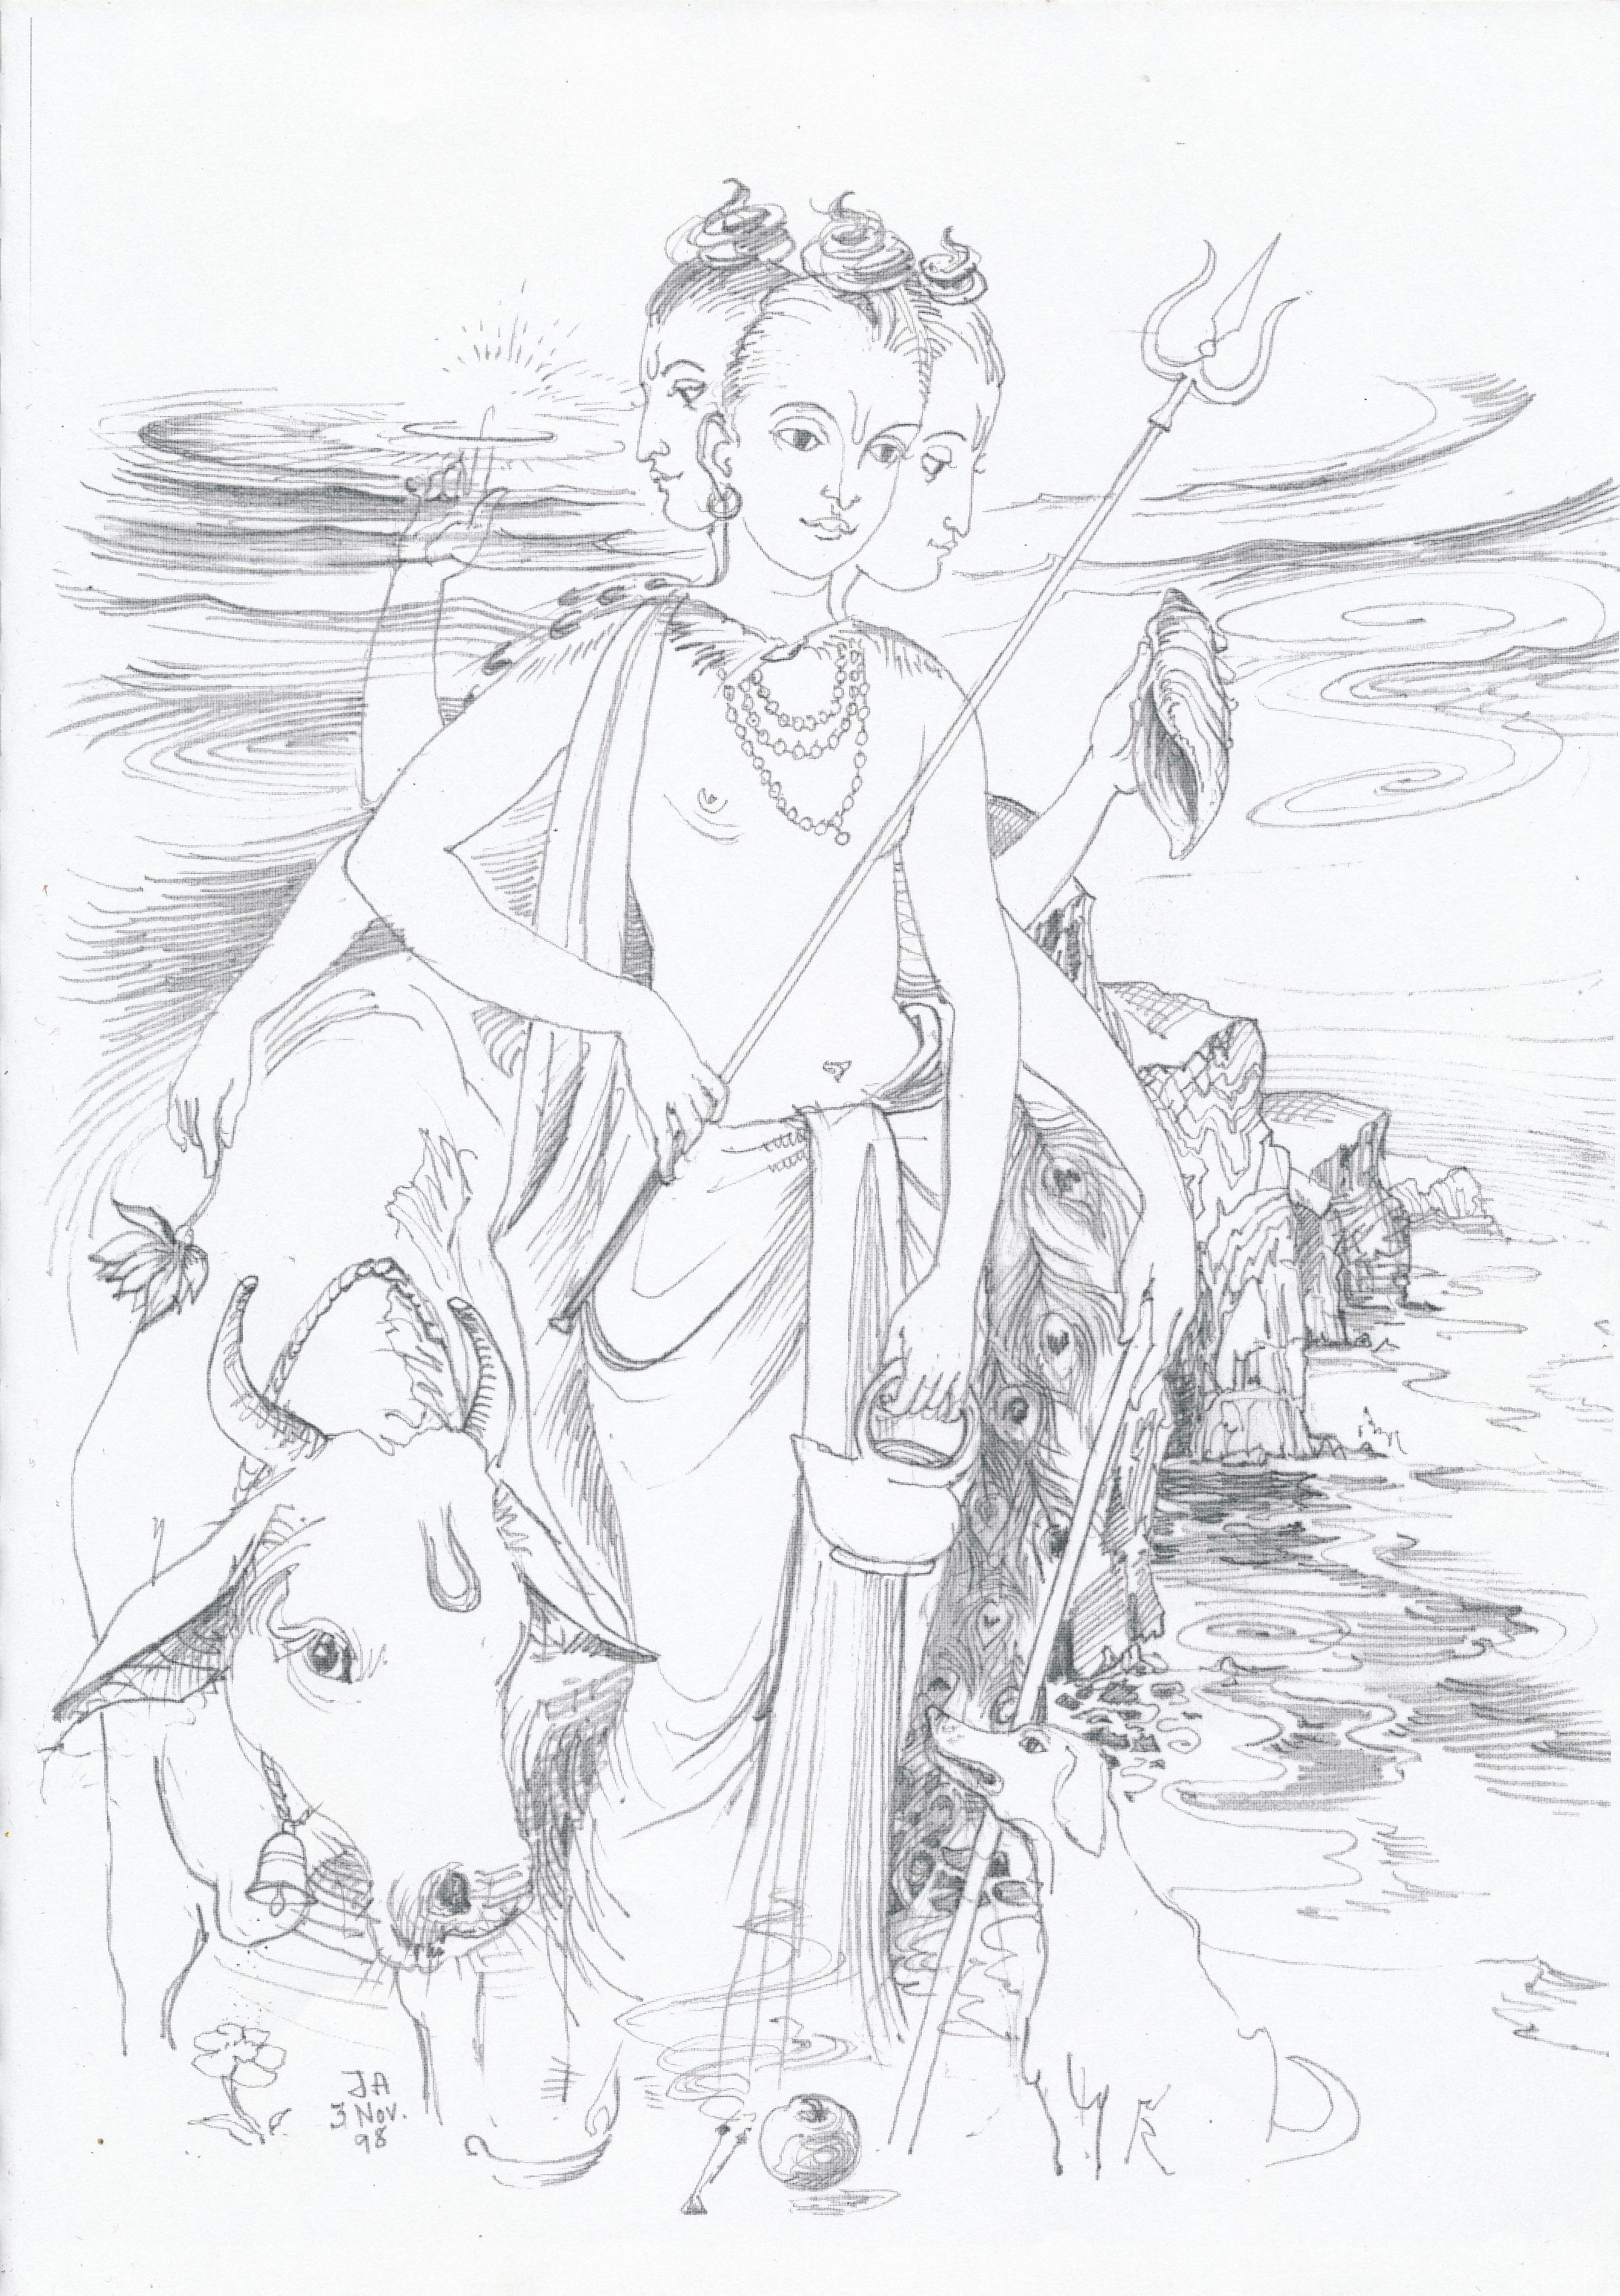 jyotish  u2013 drawings of the vedic astrology deities